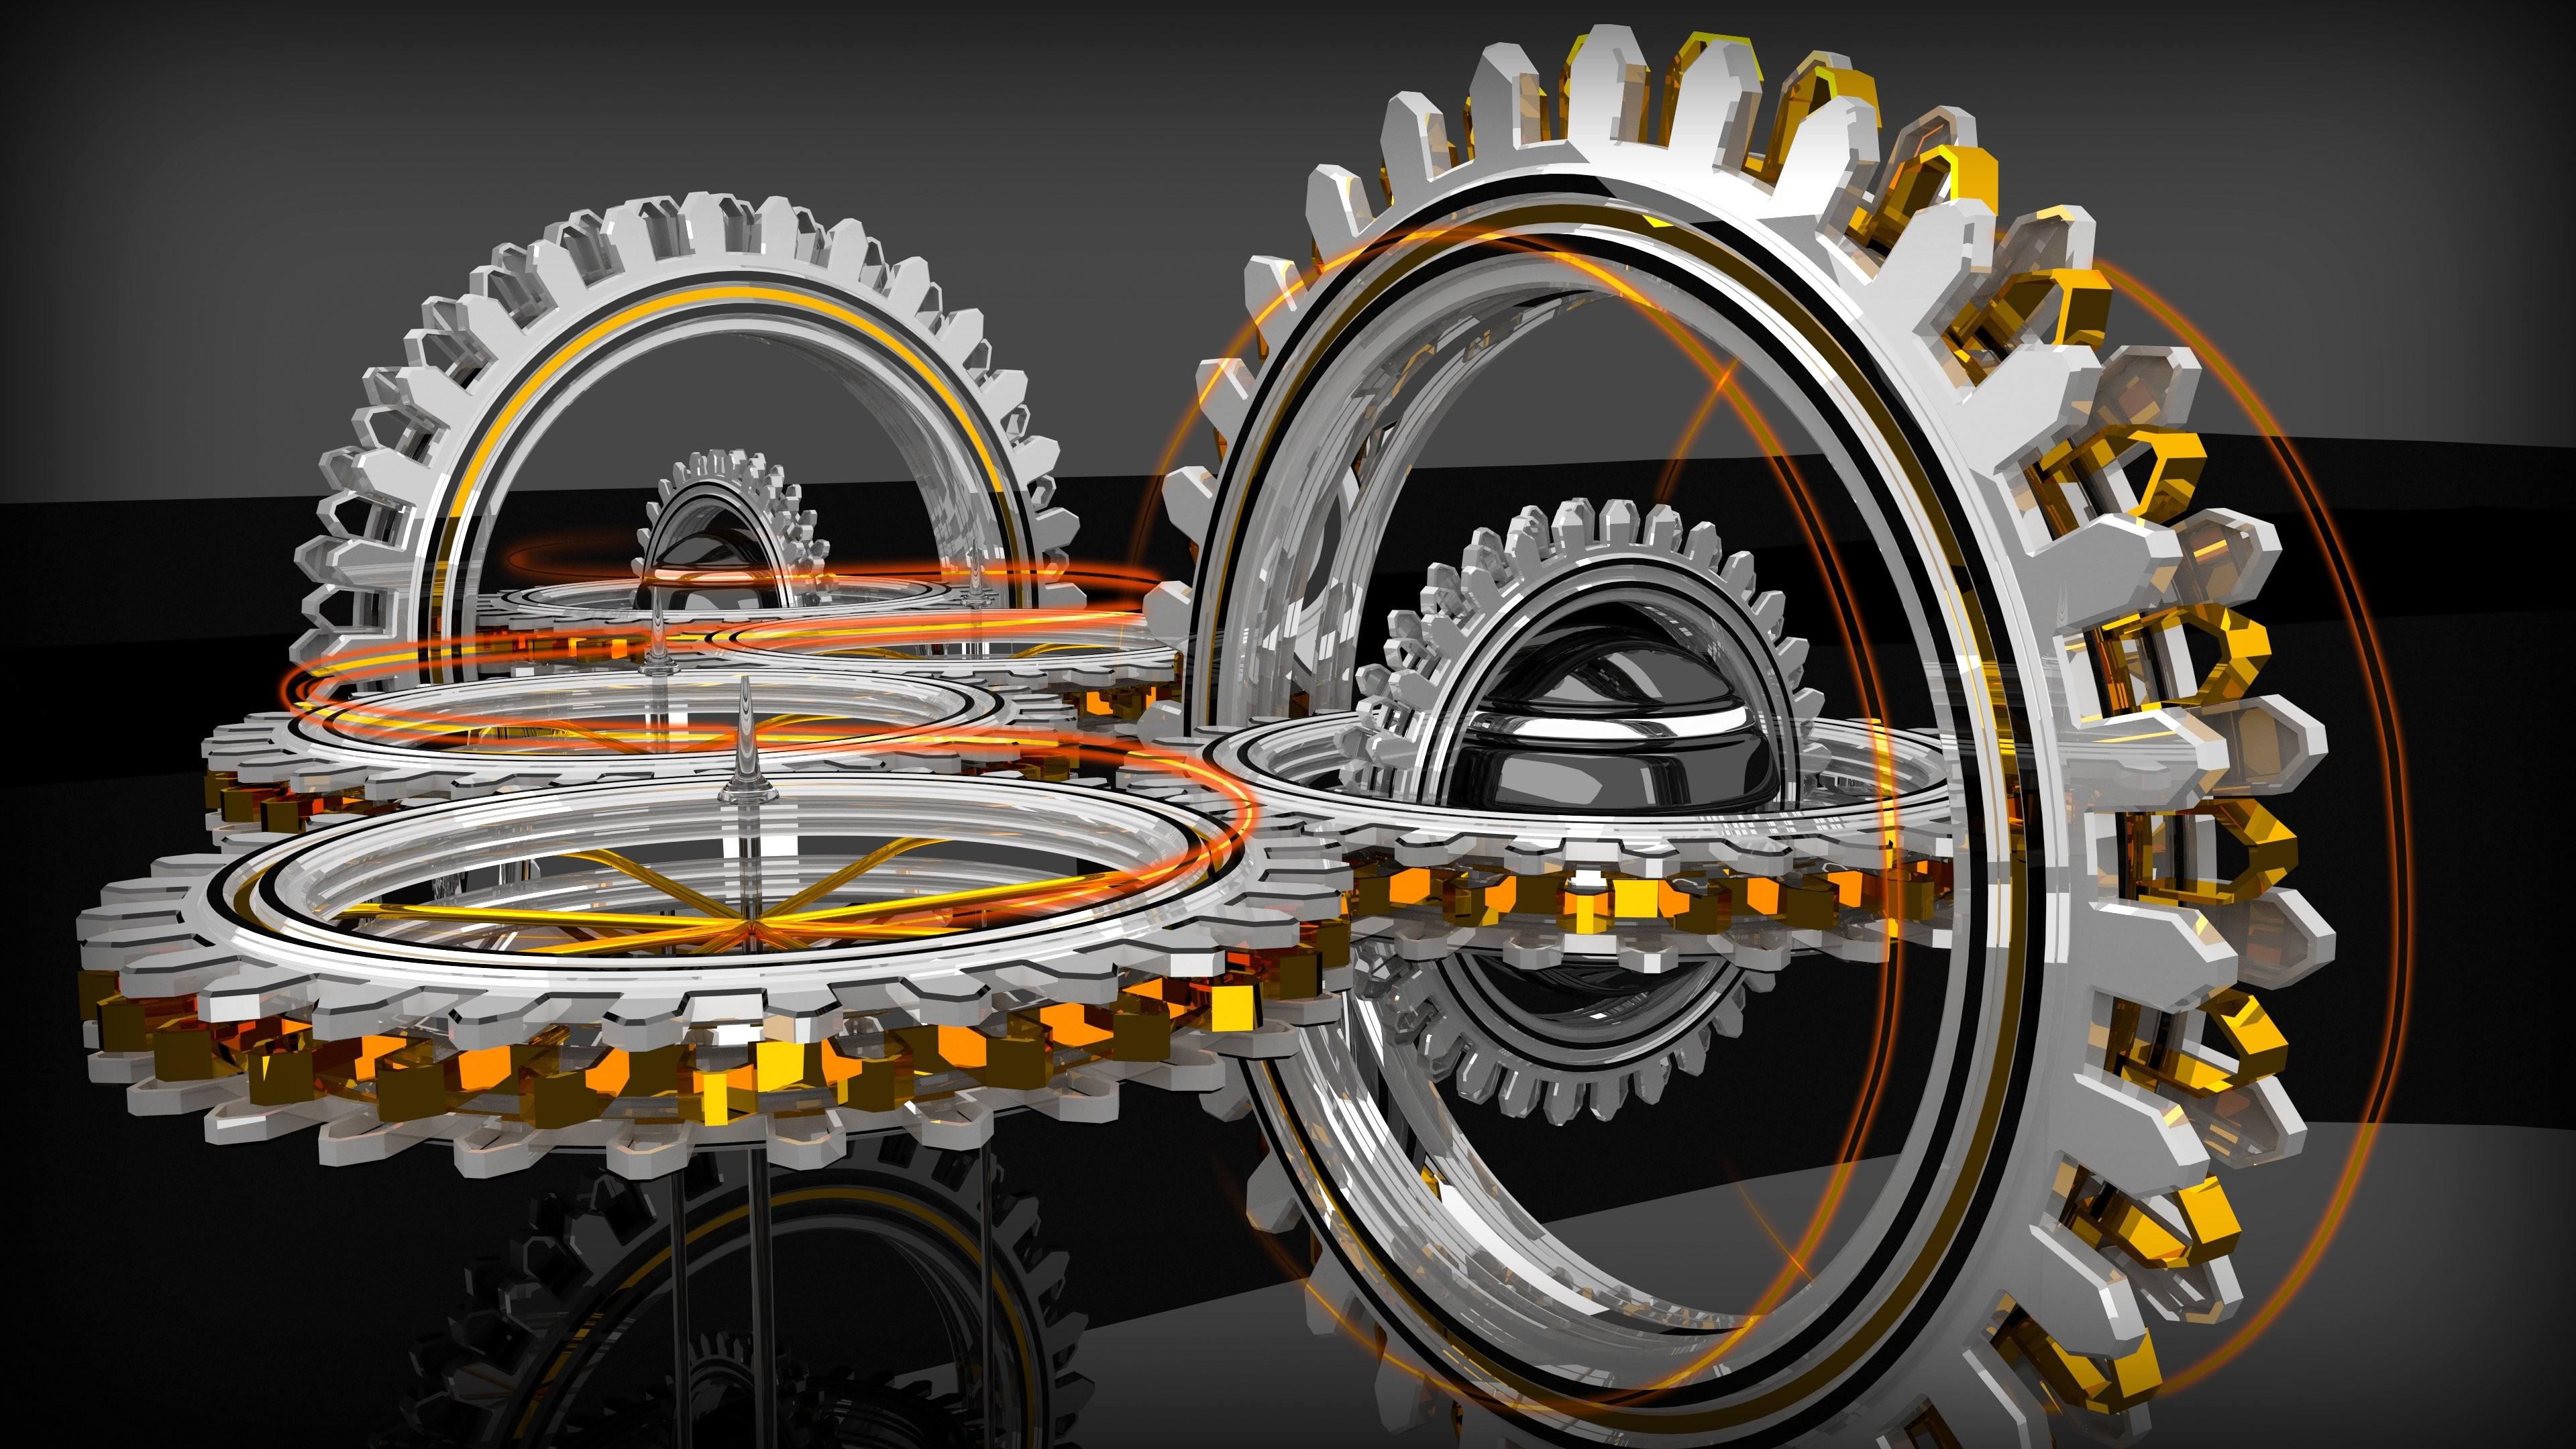 Freelance mechanical engineer работа фрилансером в новосибирске